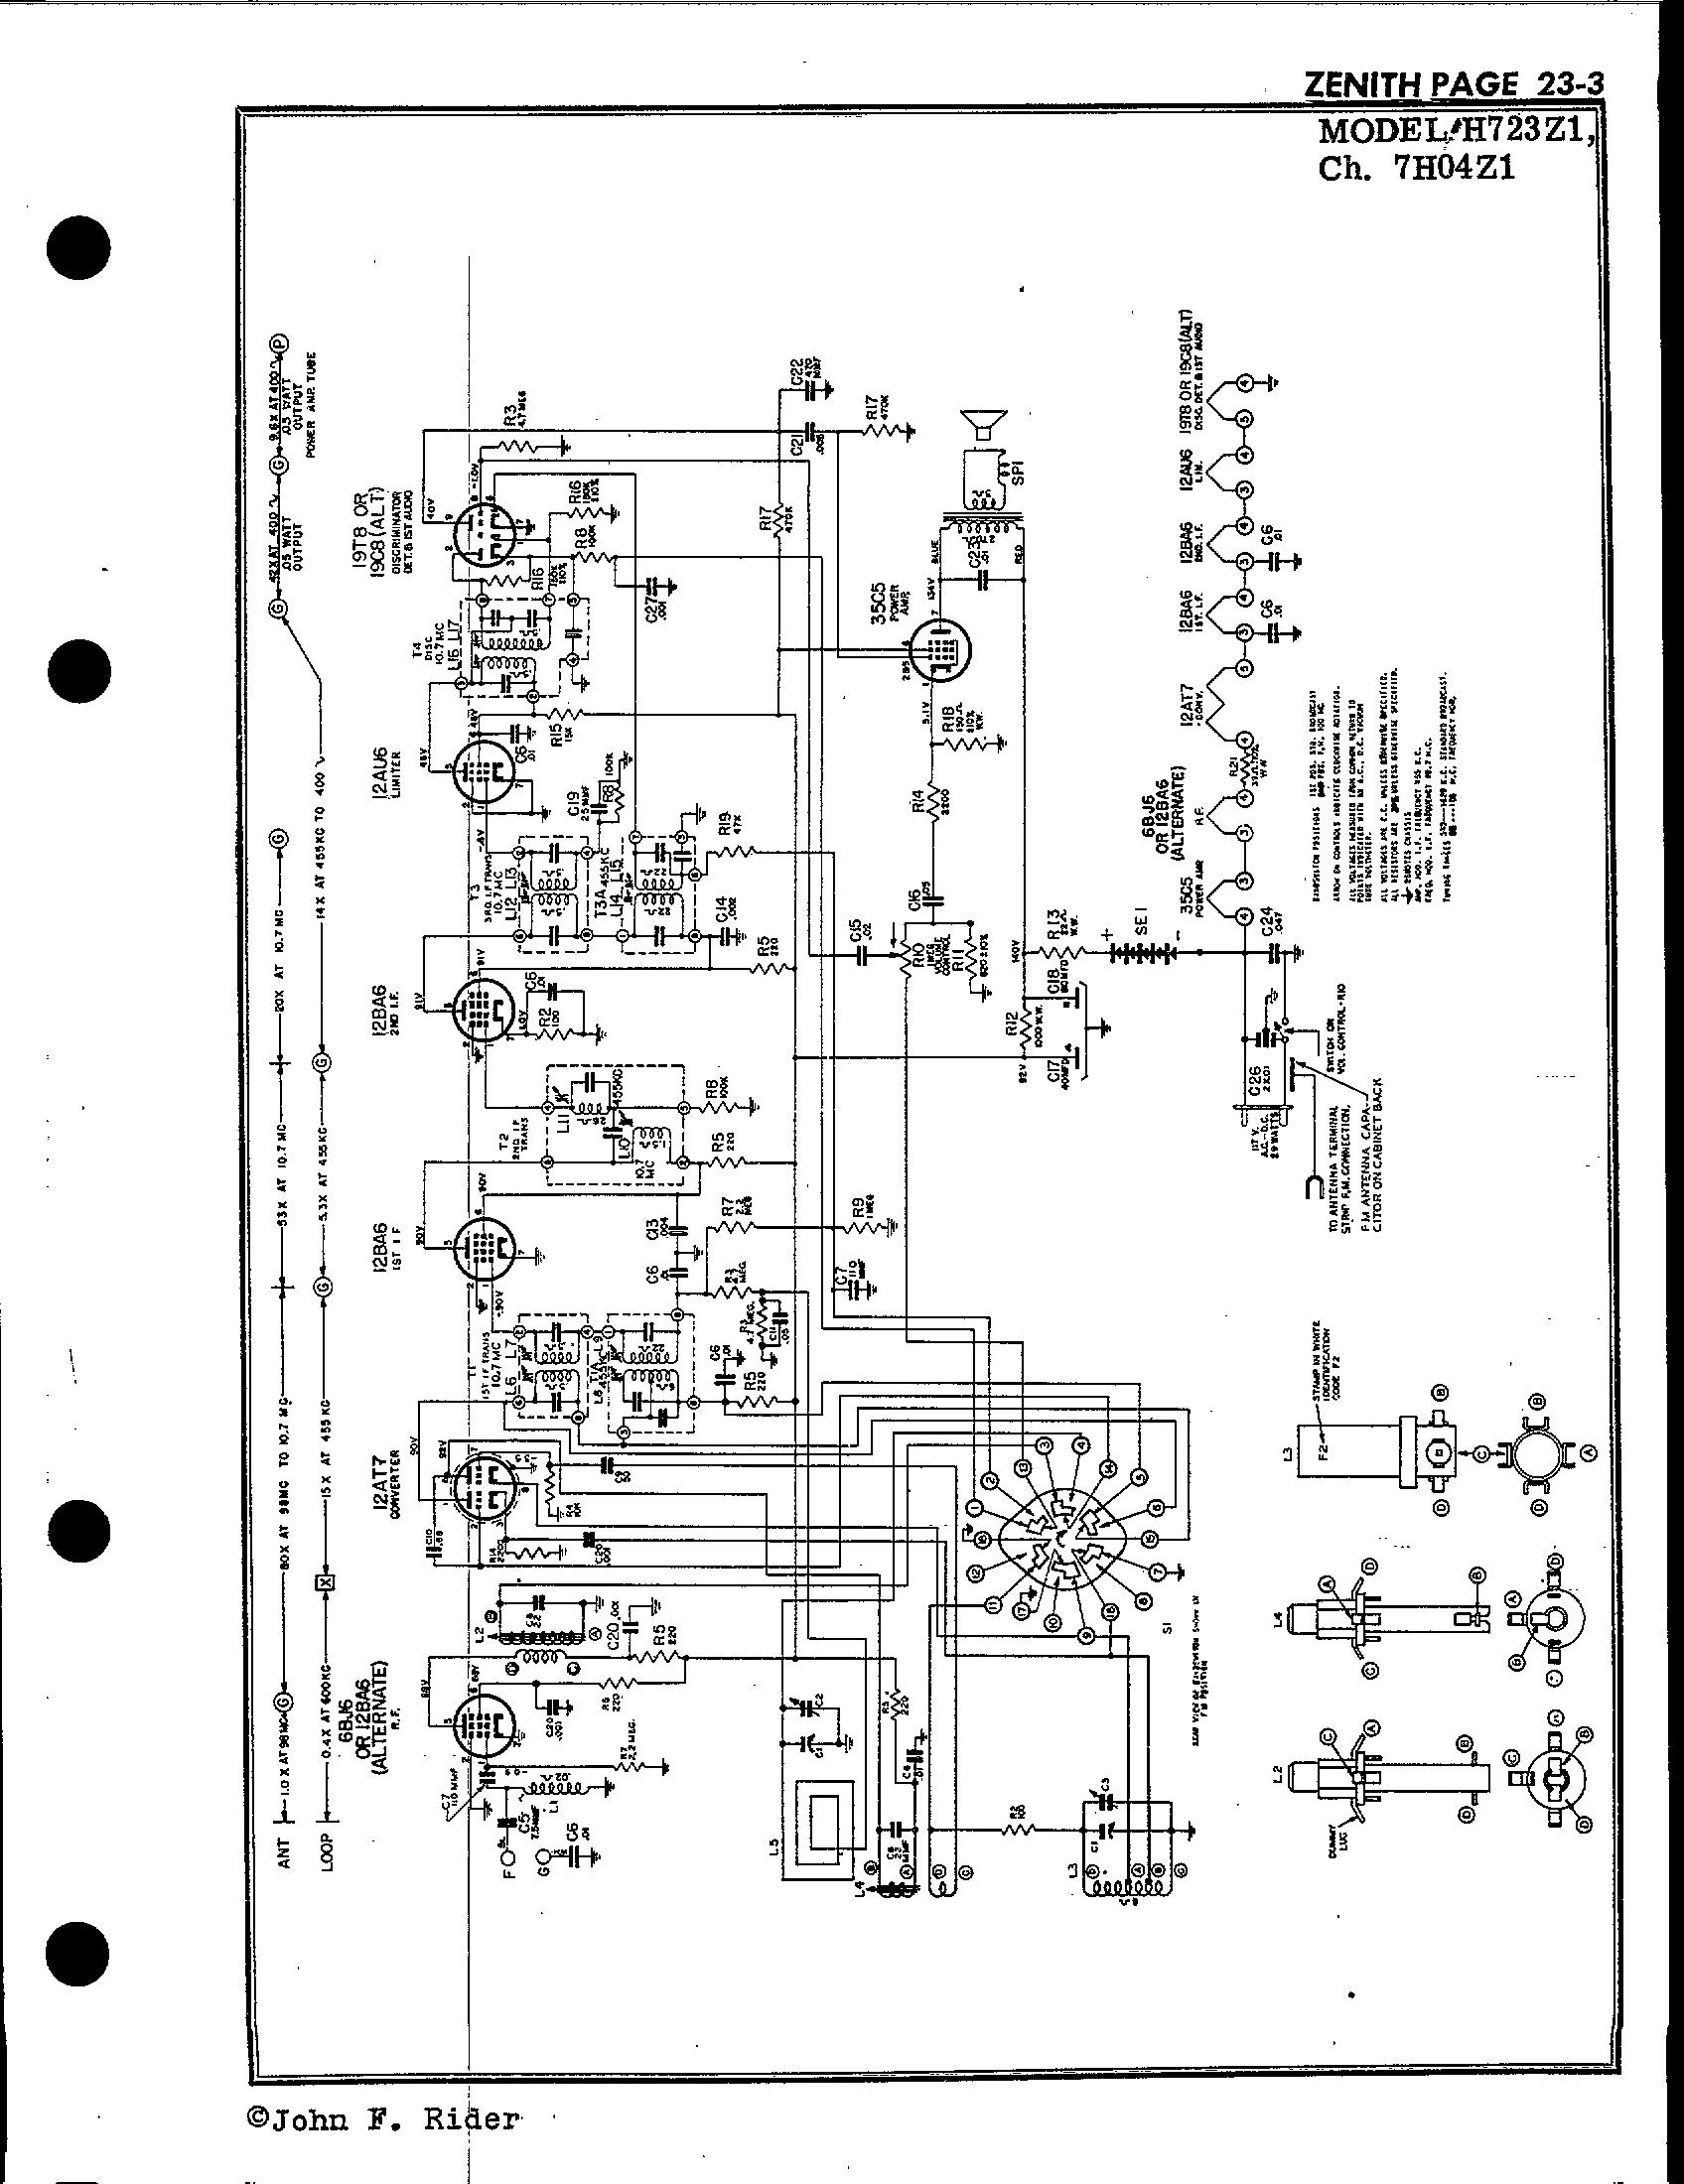 Zenith Radio Schematic R 723